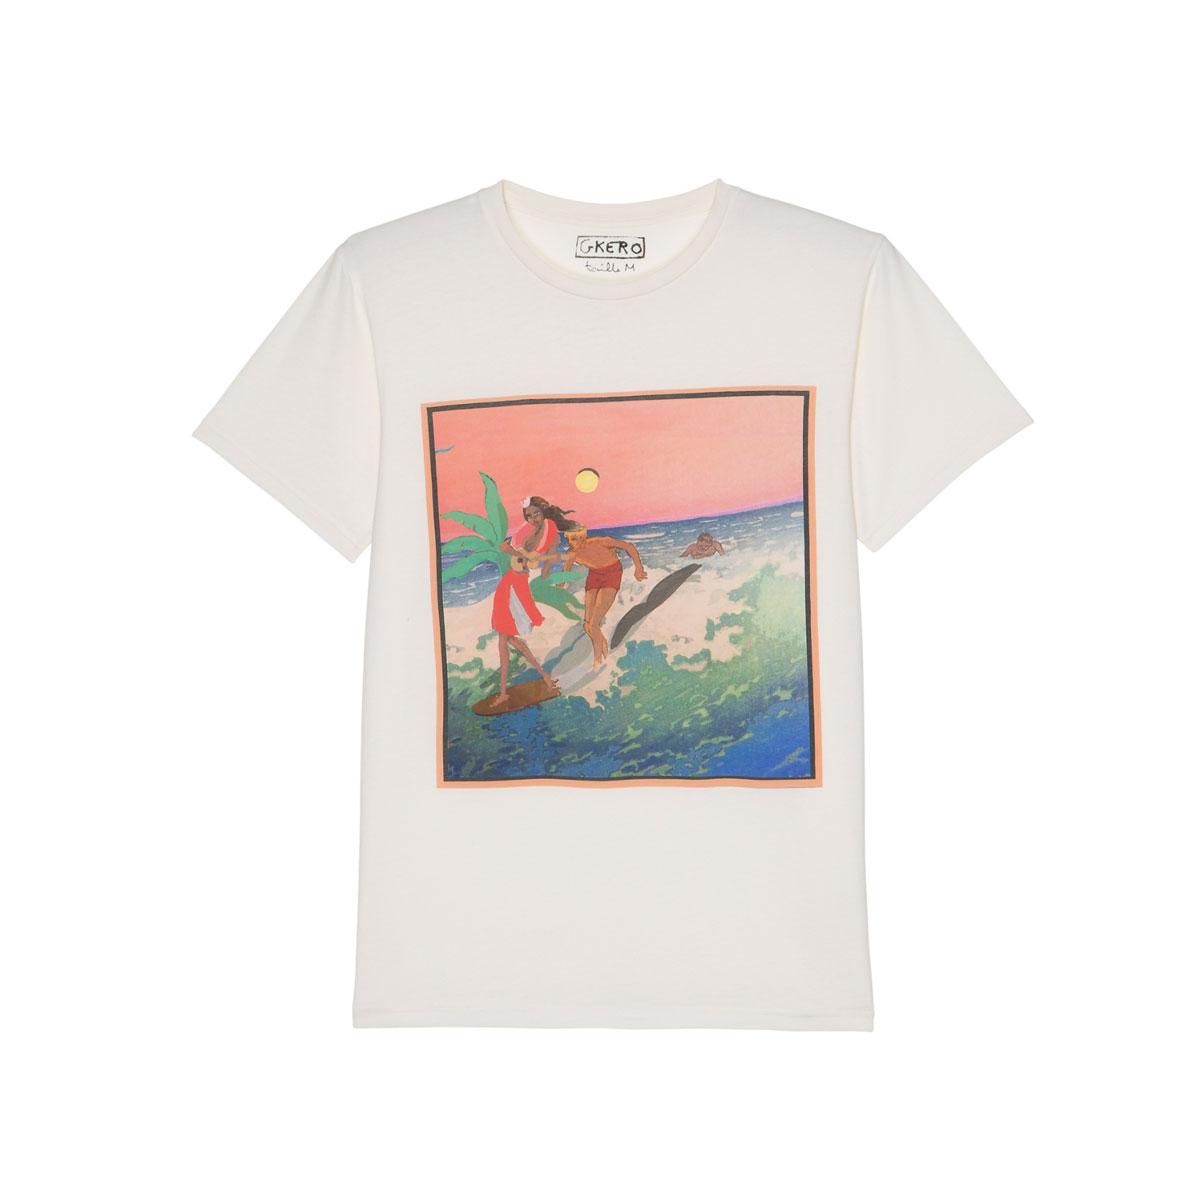 G.KERO Tee shirt SUNSET Pink